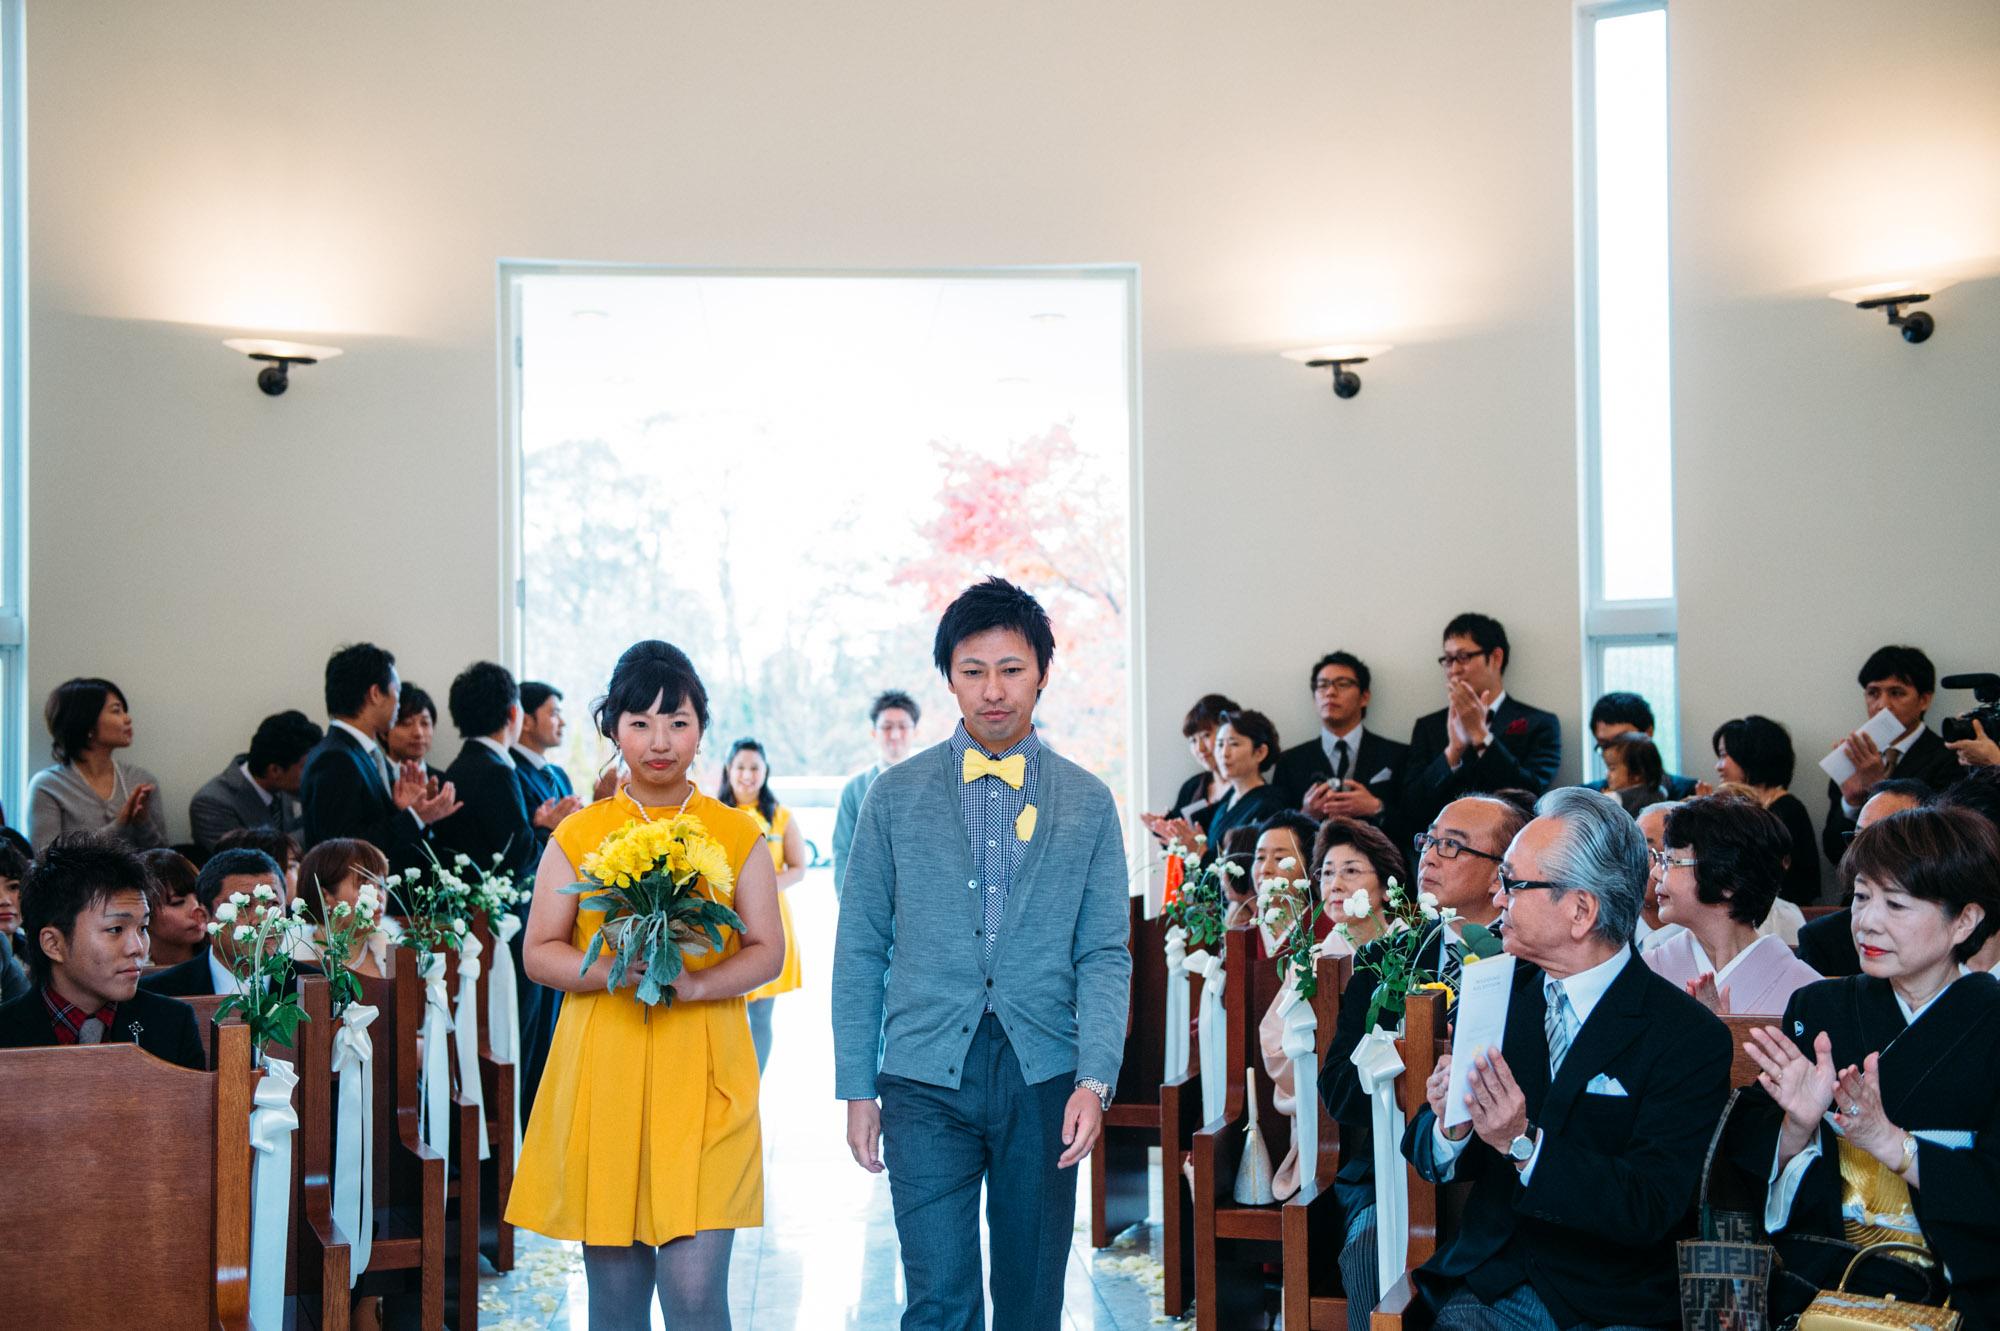 軽井沢結婚式93